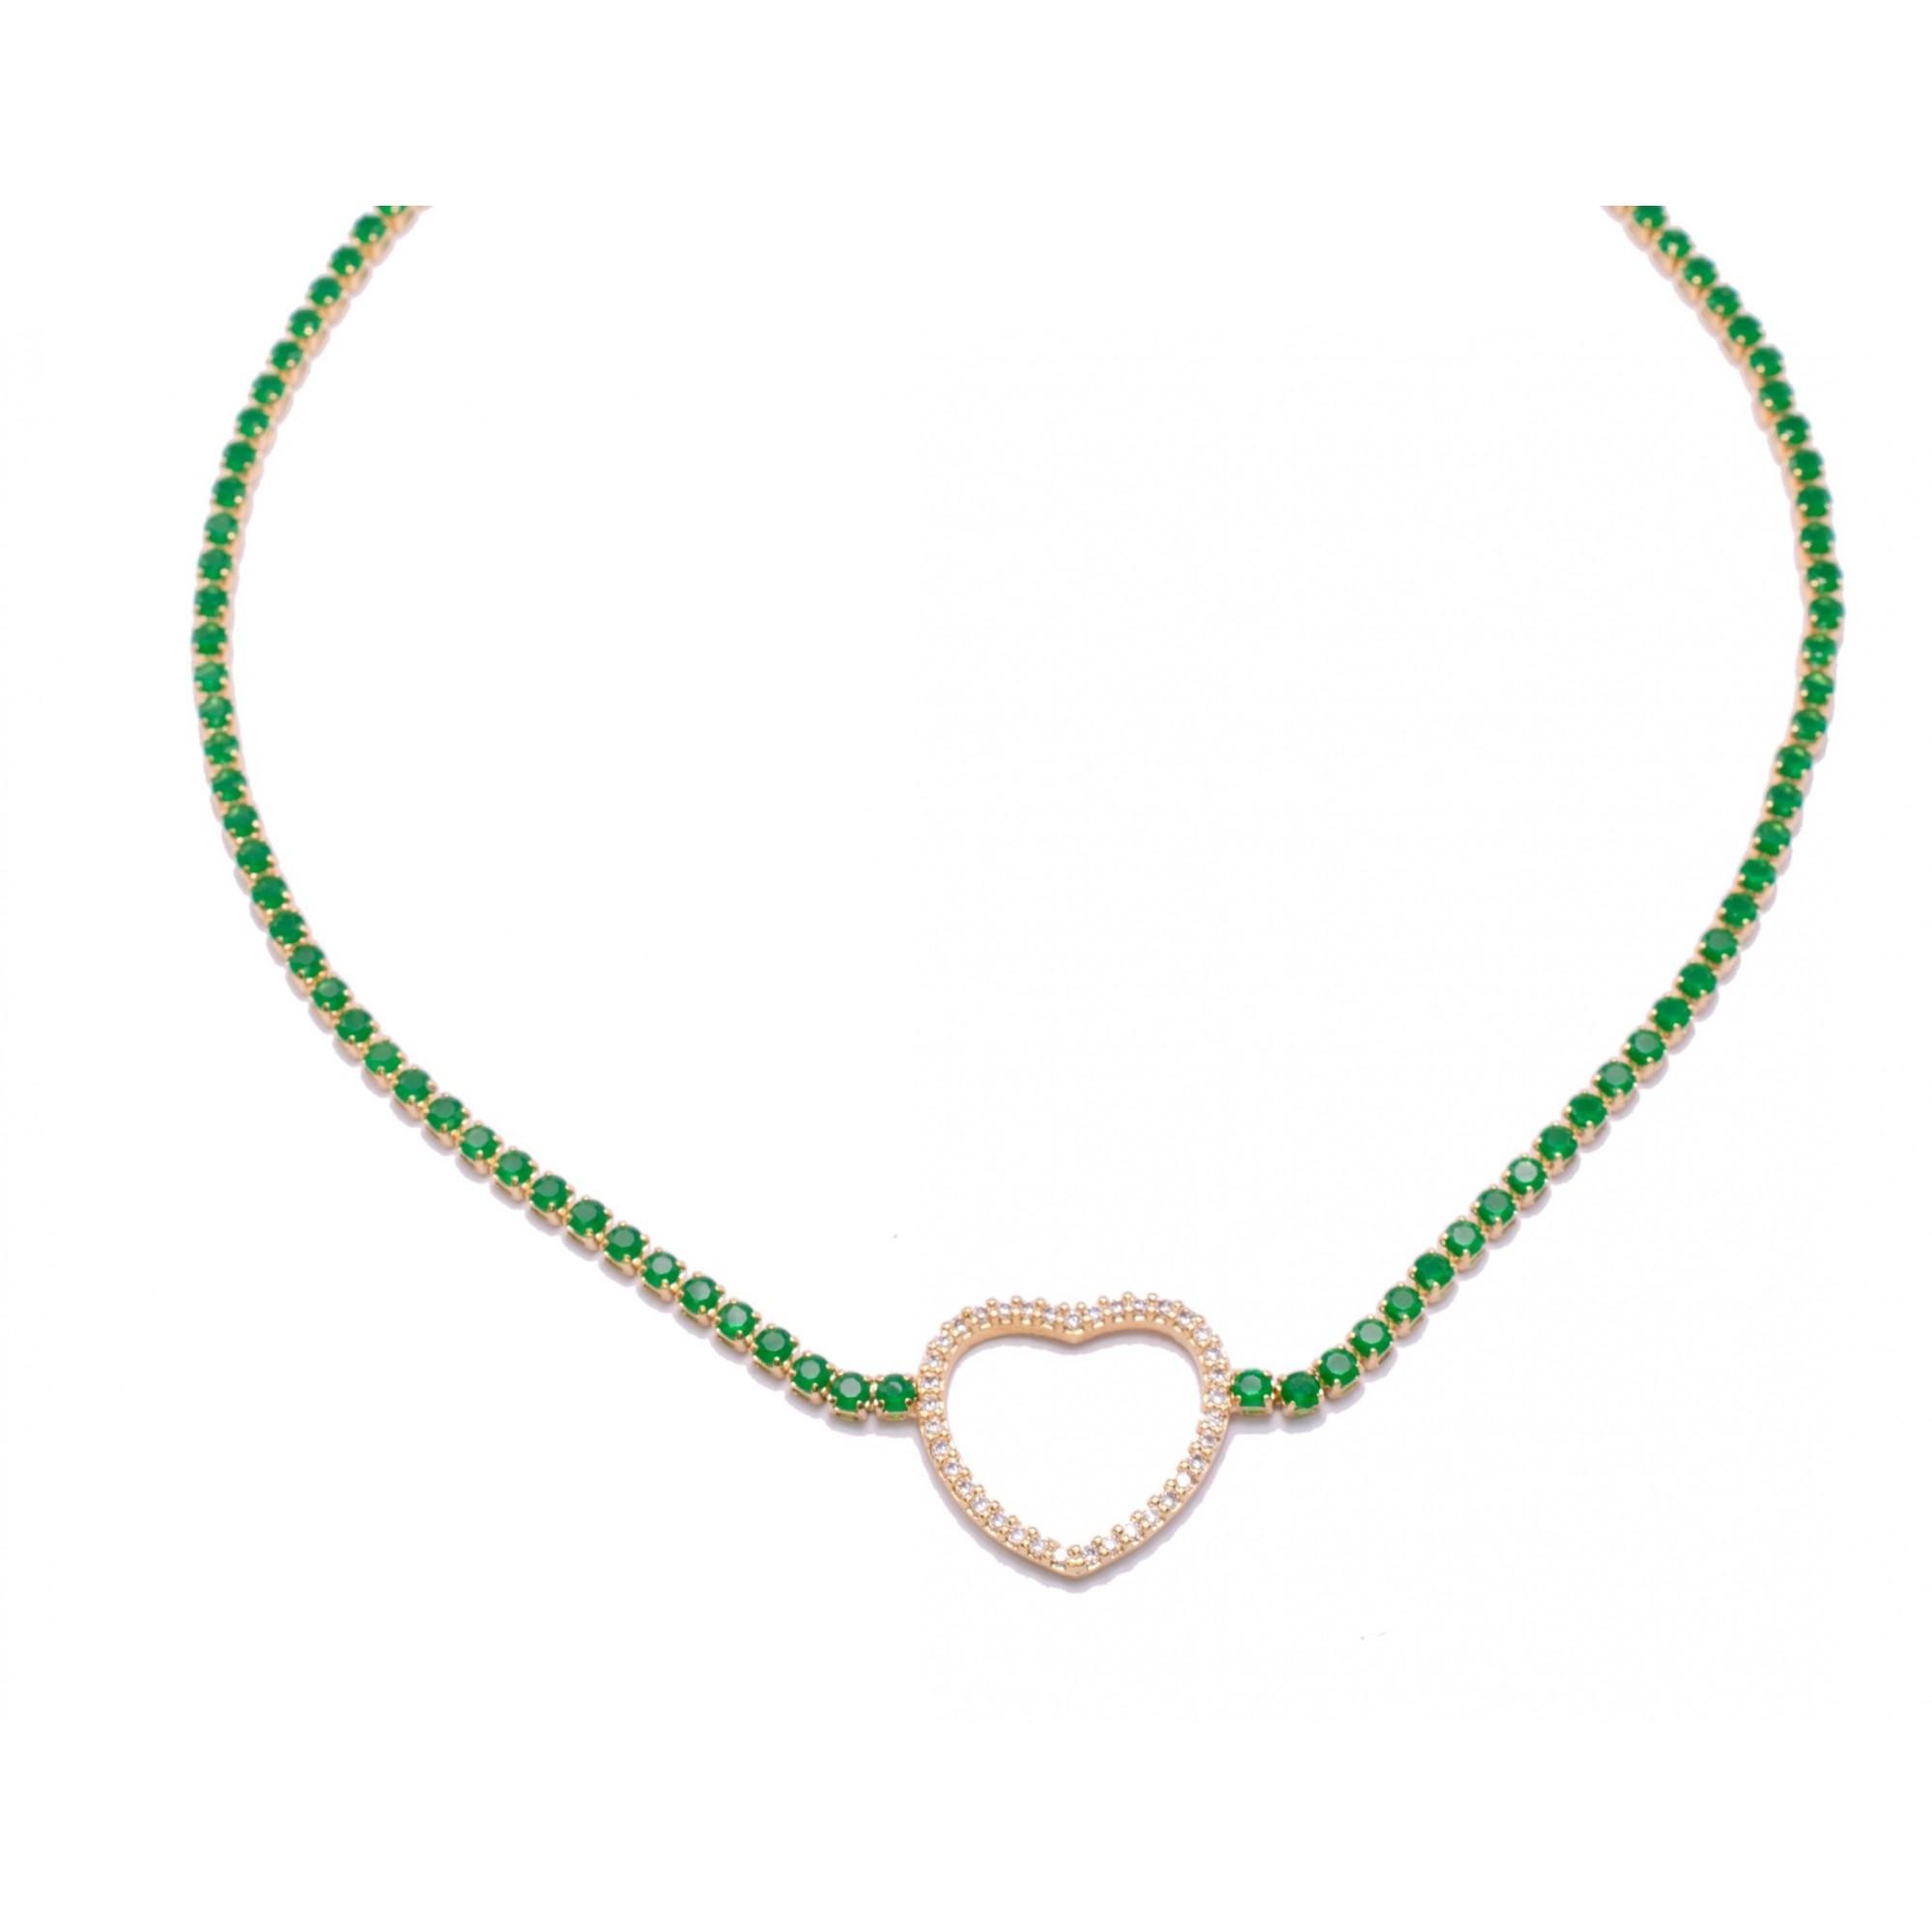 Colar Choker Coração com Zircônias Verdes Folheado em Ouro 18k - Giro Semijoias